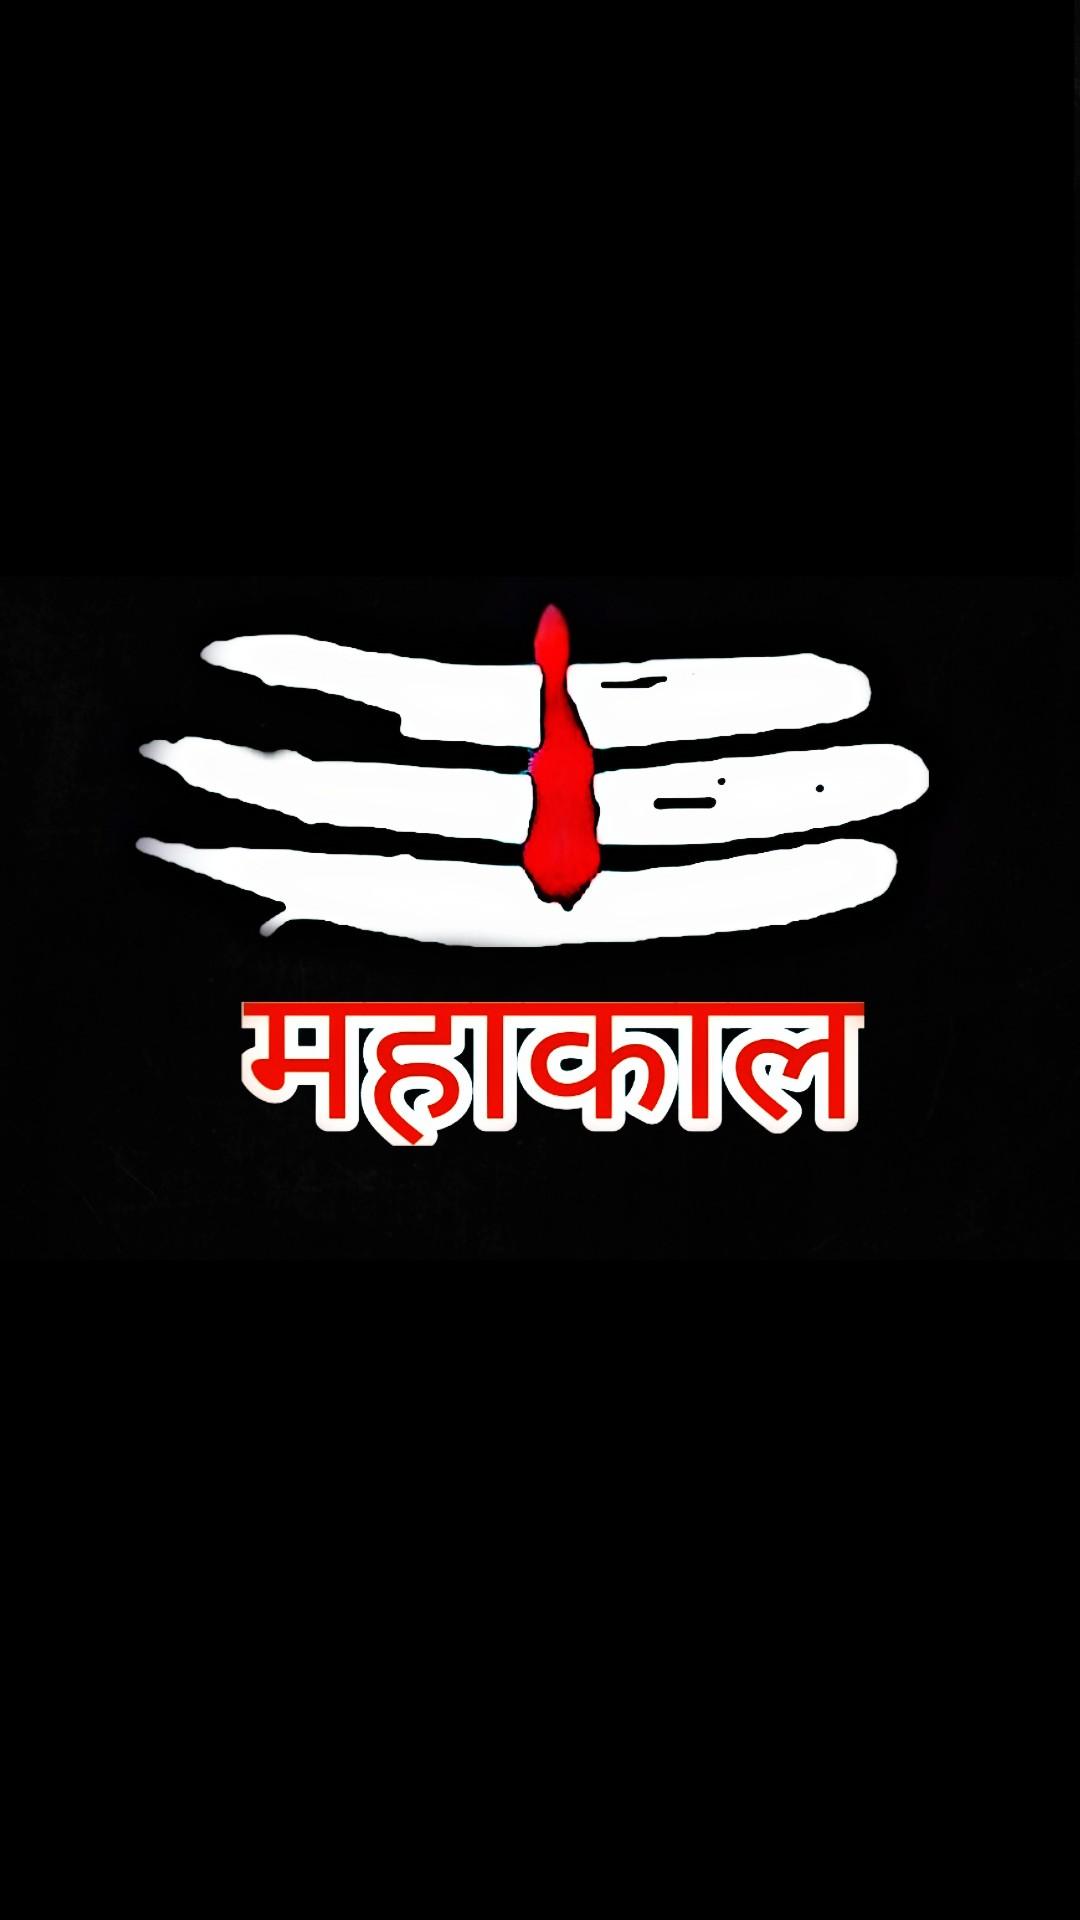 mahakal ke diwane image by rajvir raulji